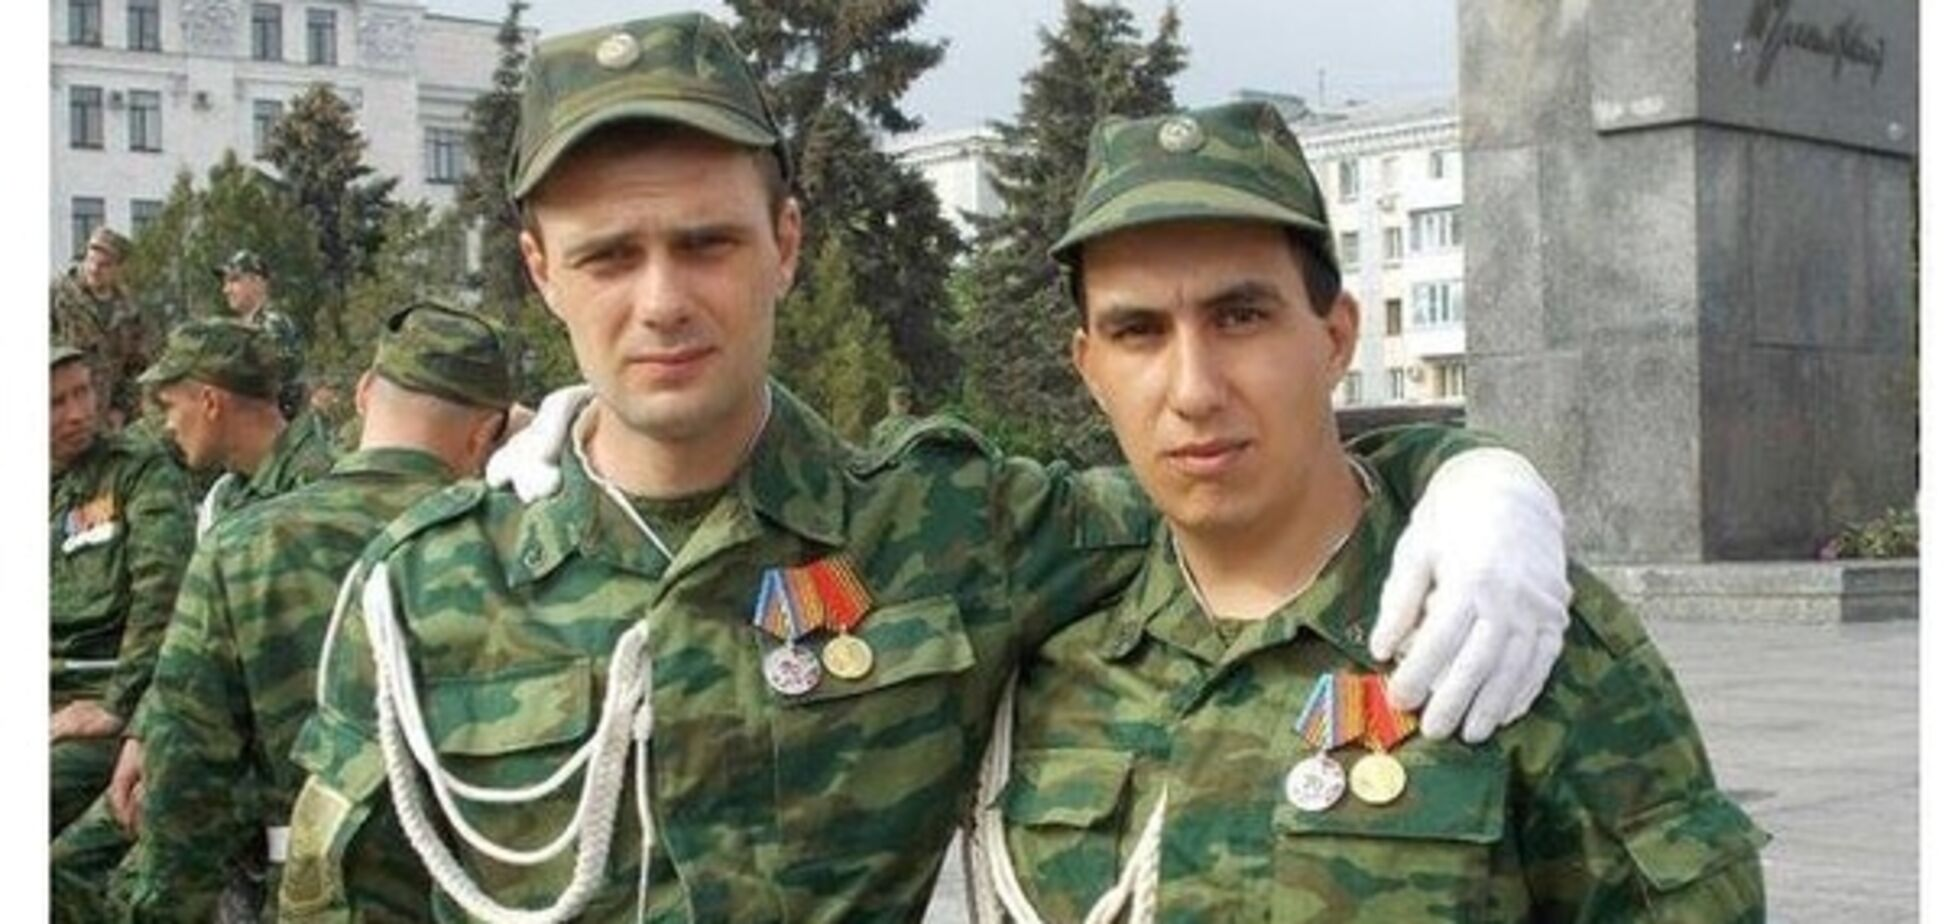 Любителі Airsoft із Казахстану 'спливли' на Донбасі у лавах терористів